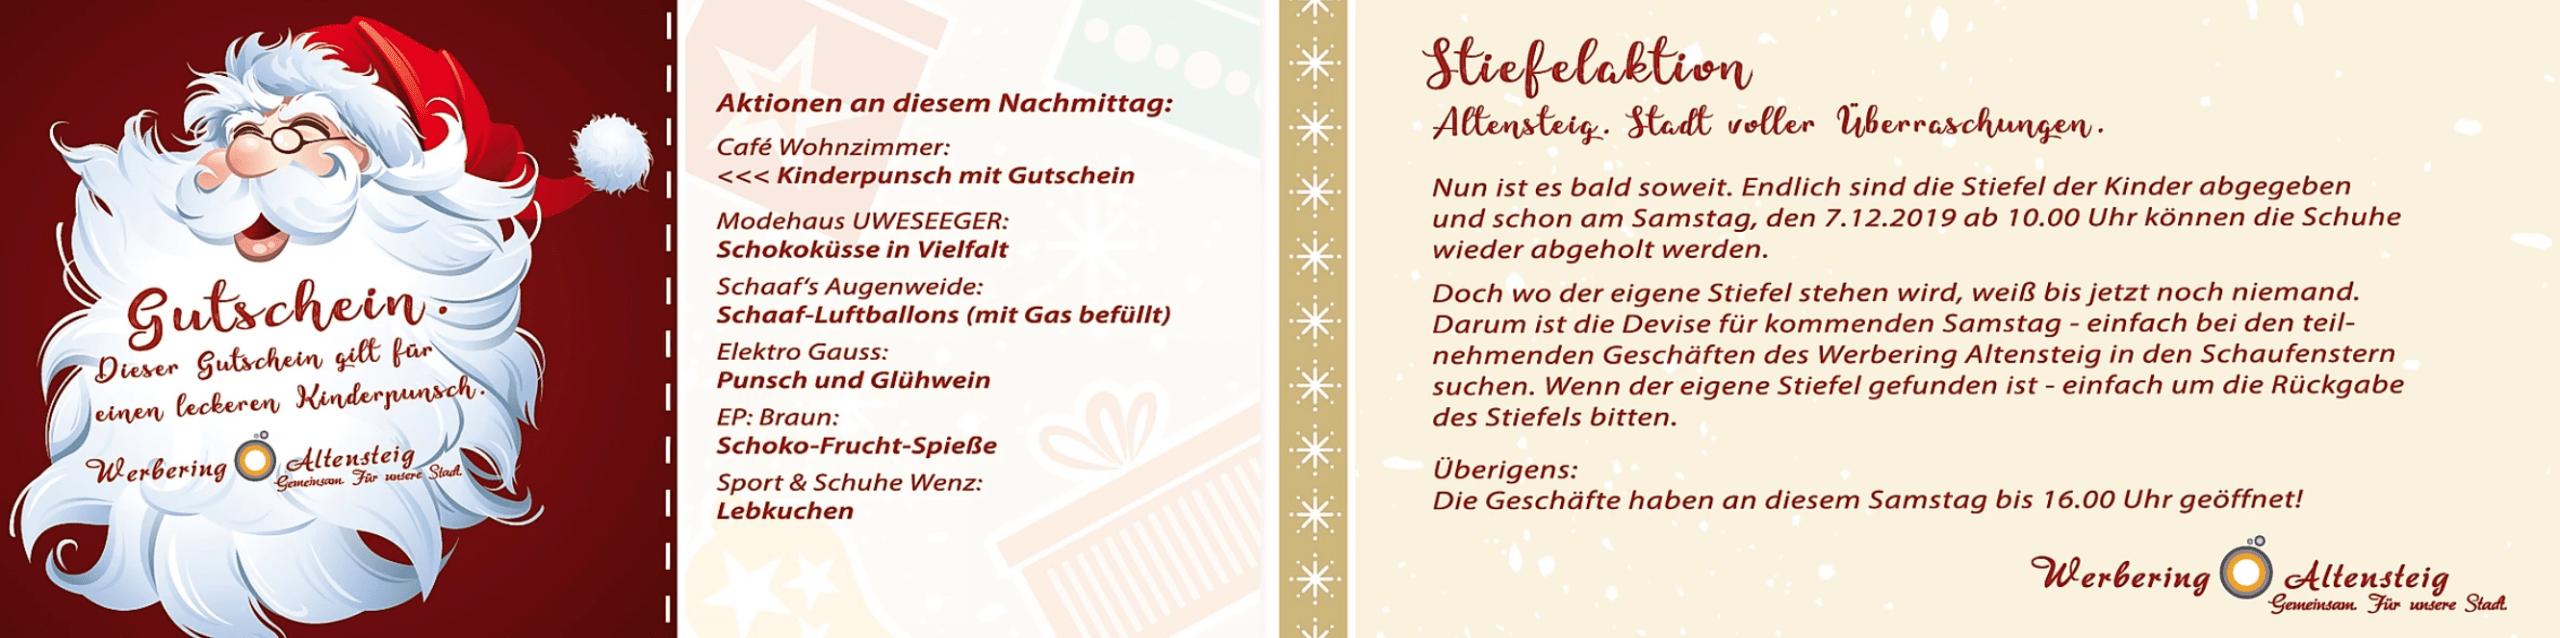 Stiefelaktion_Blumen-Luz Altensteig Dezember 2019